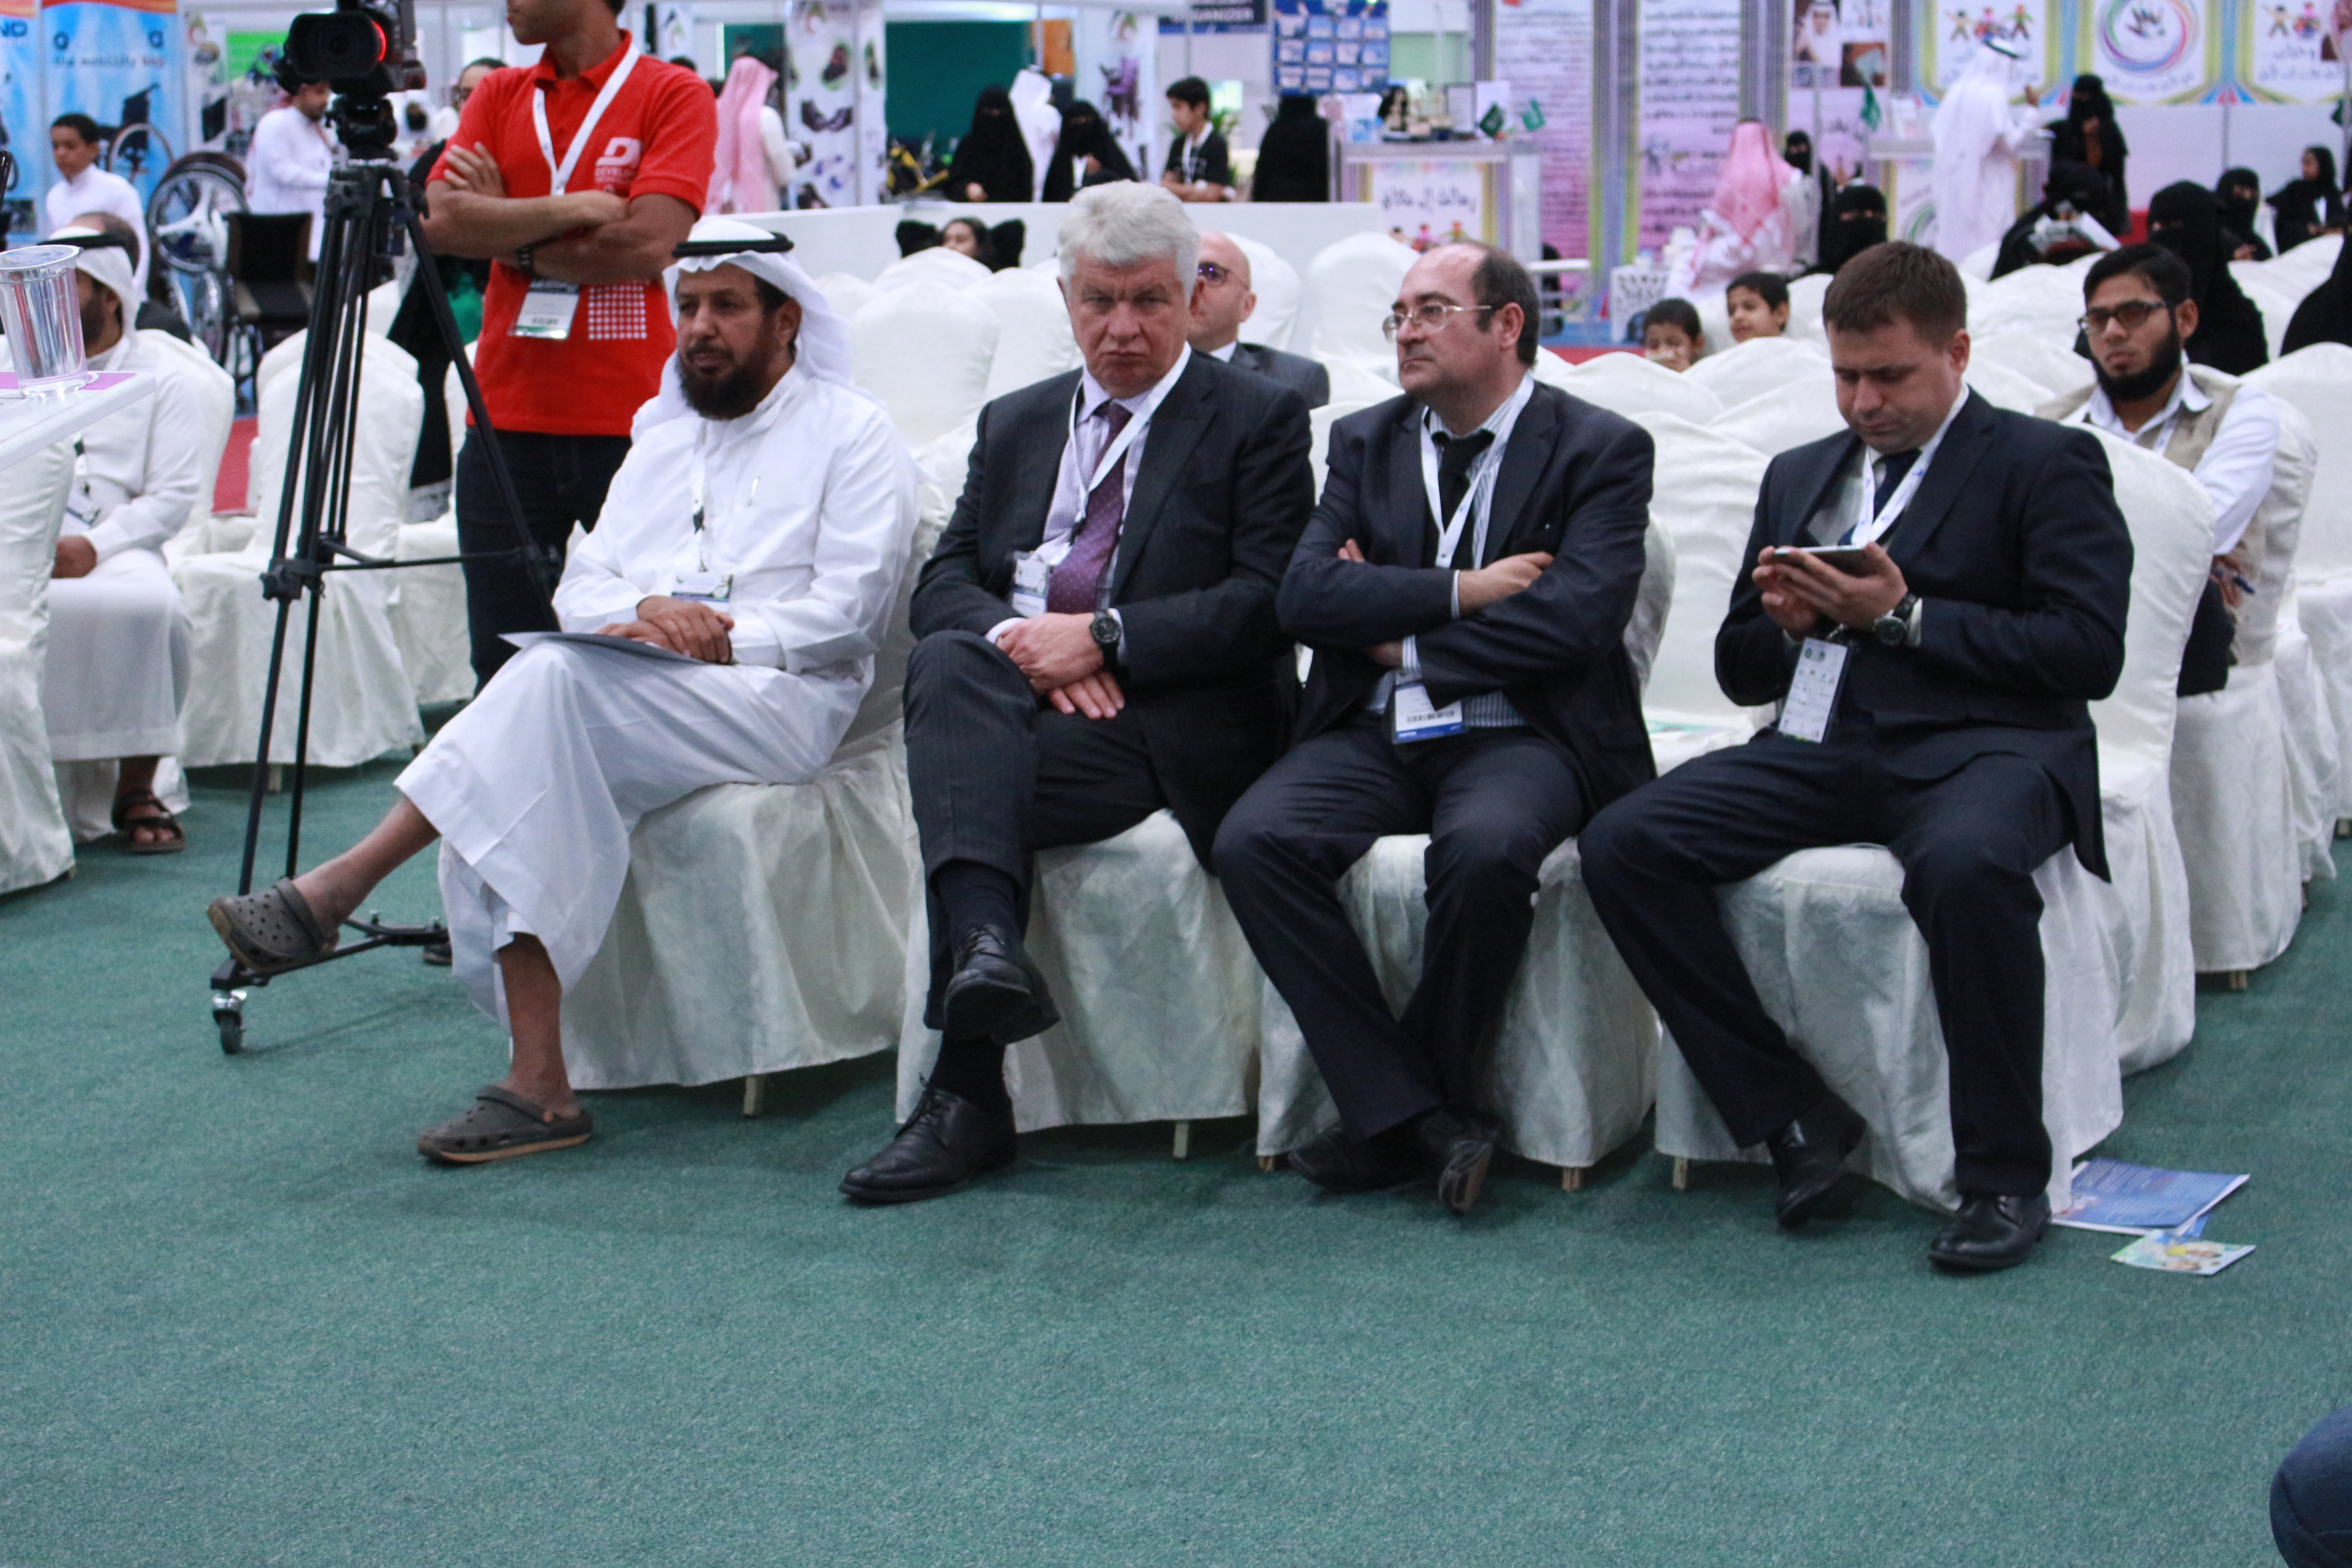 فعاليات المعرض السعودي الدولي الثالث لمستلزمات الاشخاص ذوي الاعاقة ضياء (2)